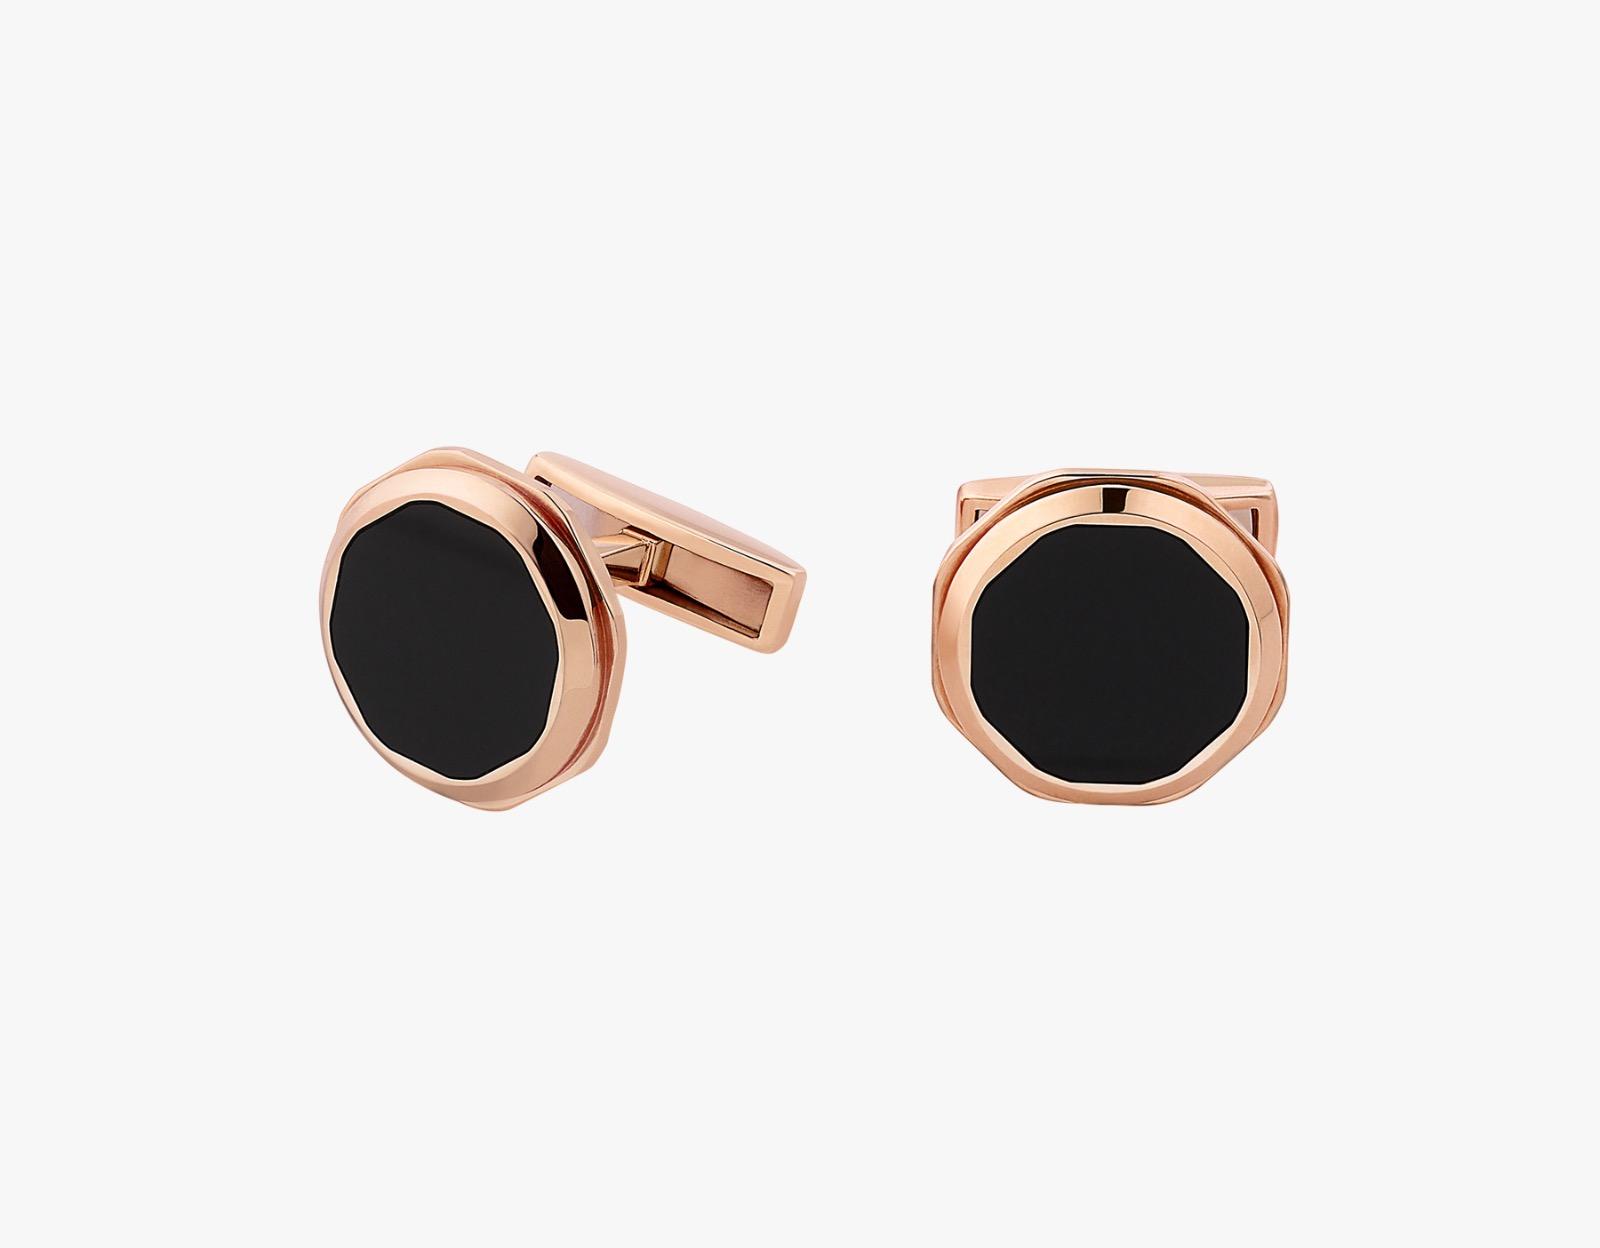 Gemelos Octo en oro rosa de 18 qt con elementos de ónix engastados